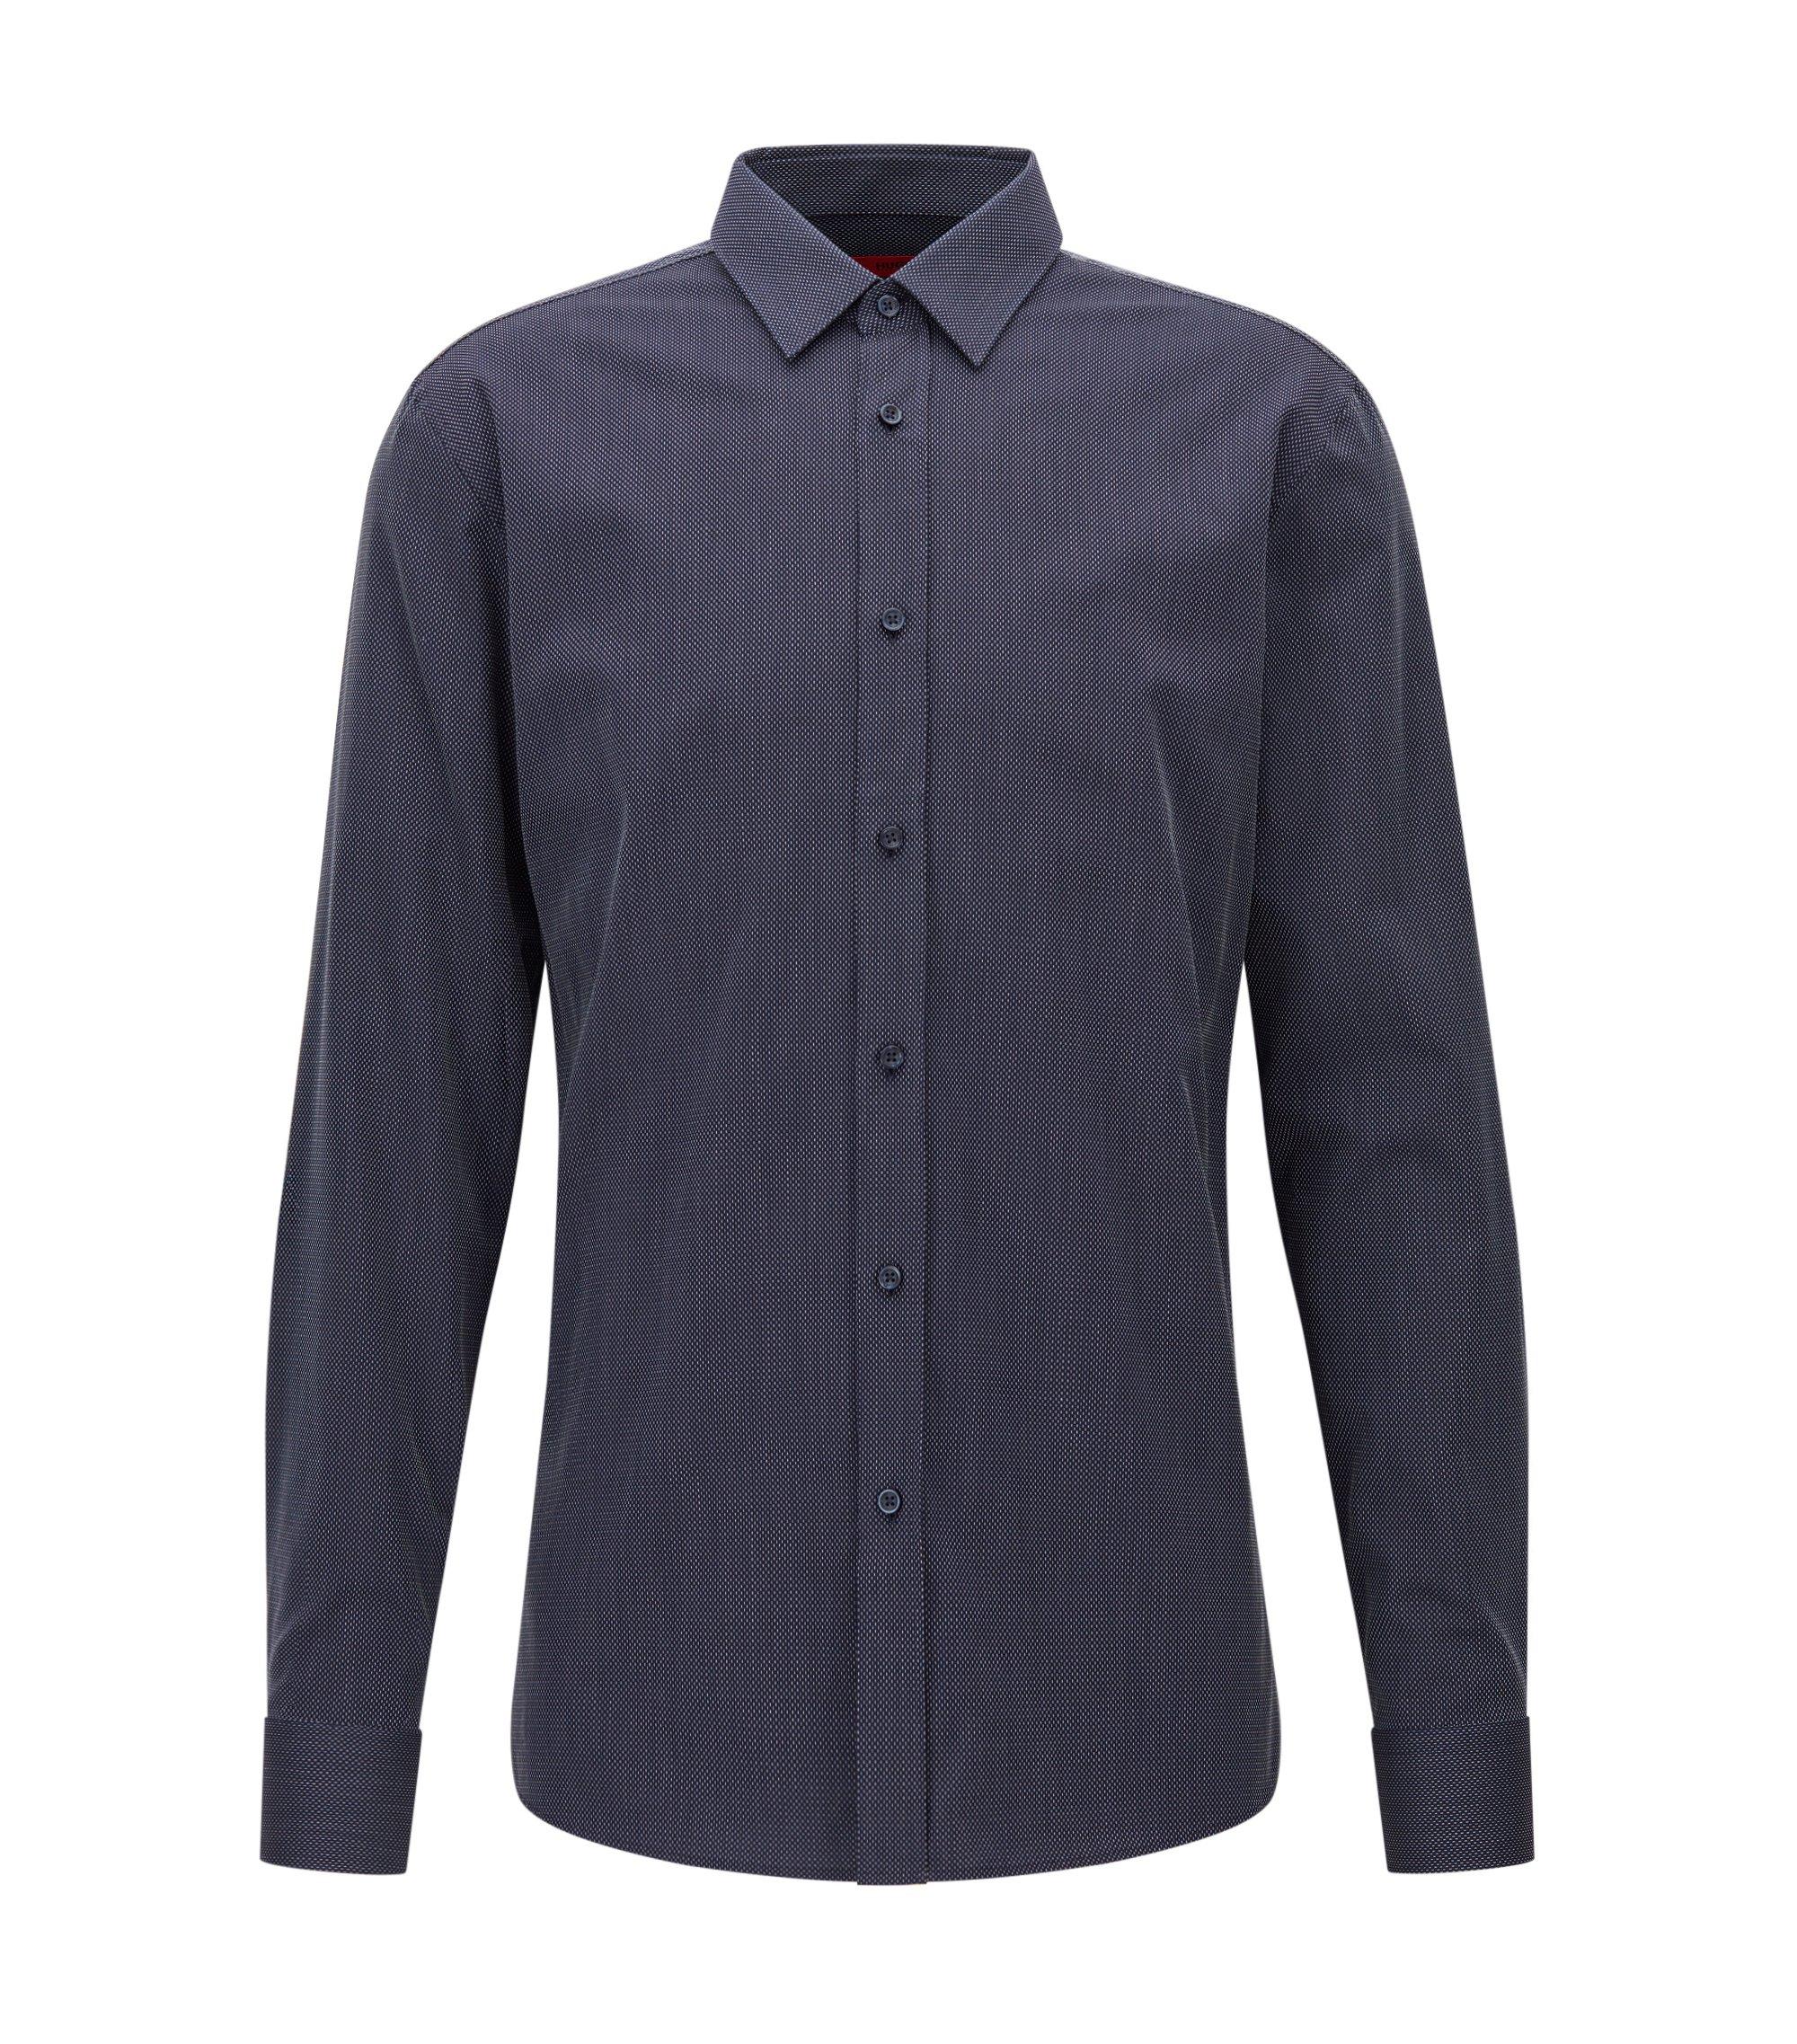 Camicia slim fit in cotone microstrutturato, Blu scuro